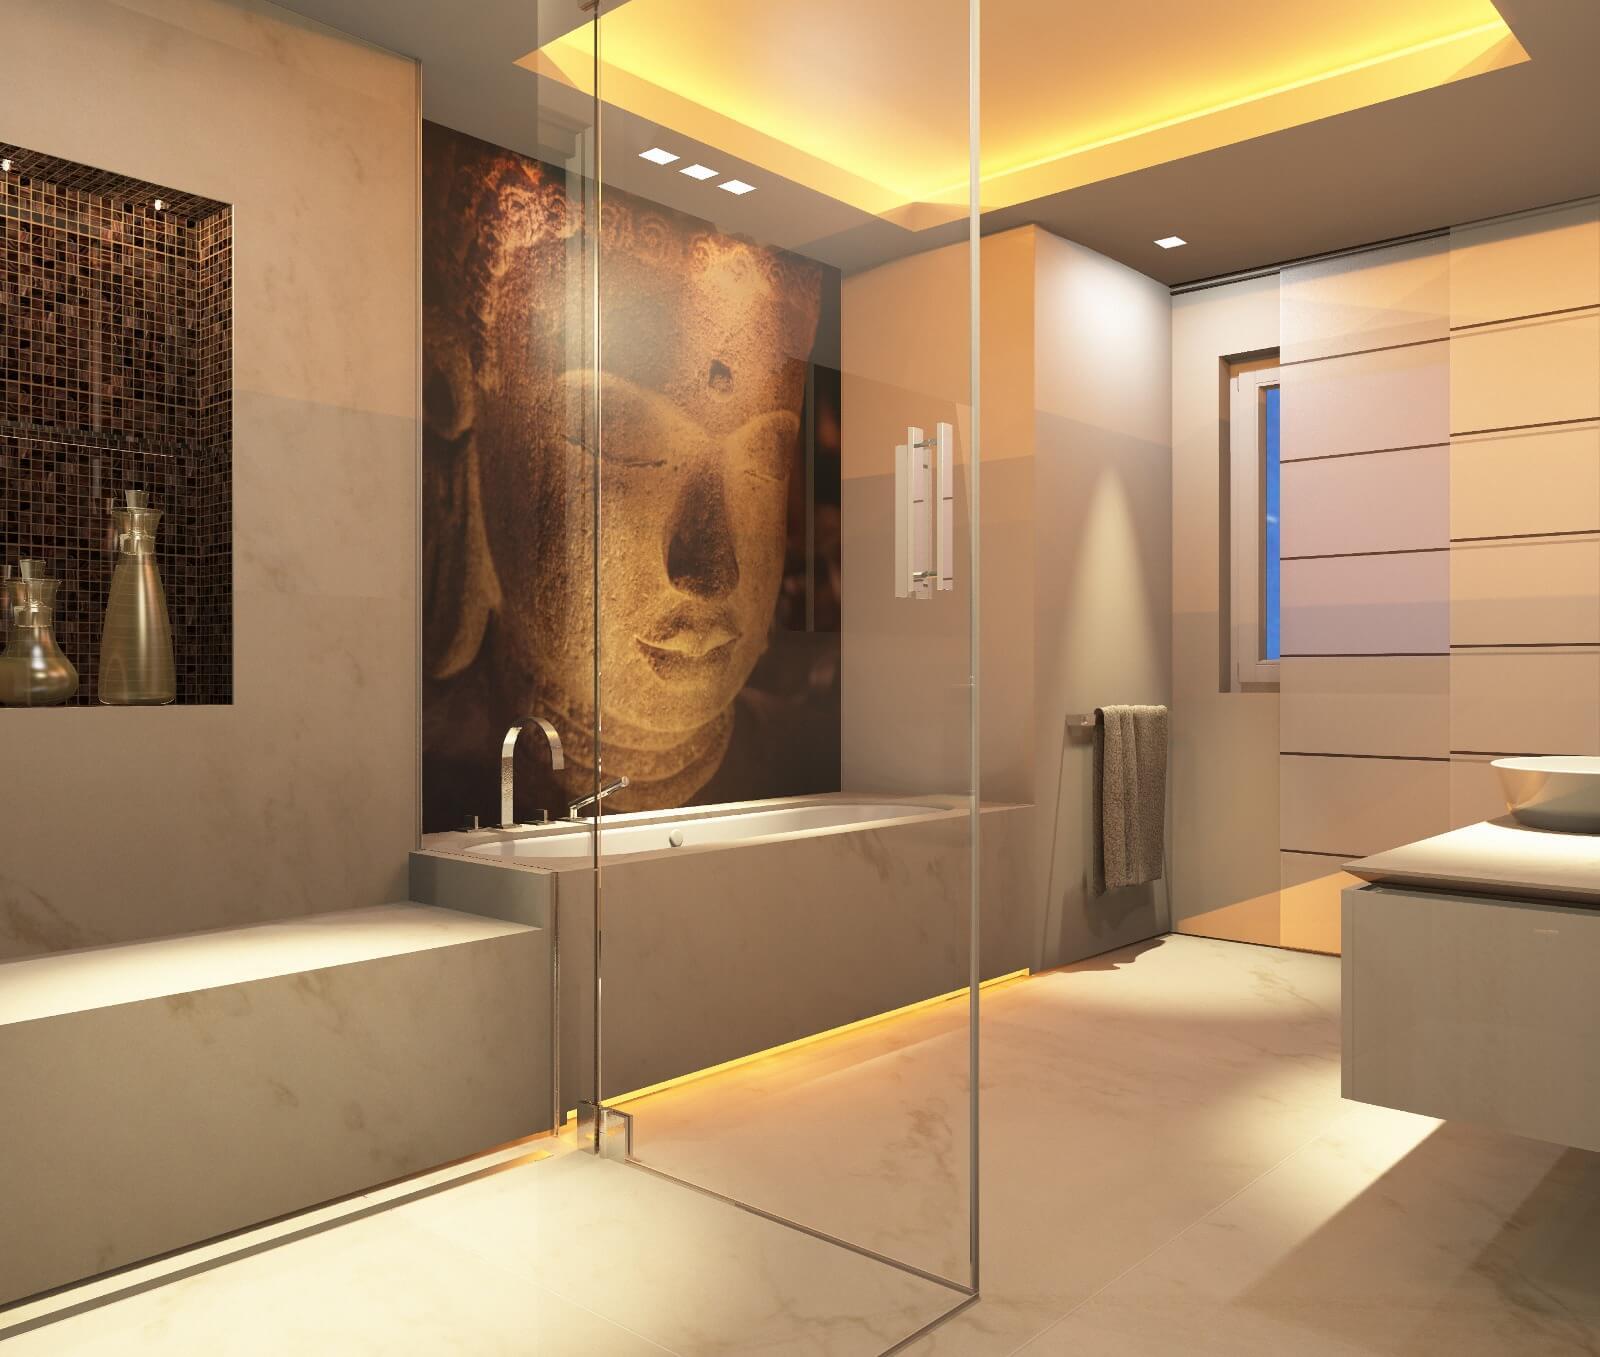 Badezimmer Design Vorschläge | Vorschläge Für Kleine Badezimmer ...